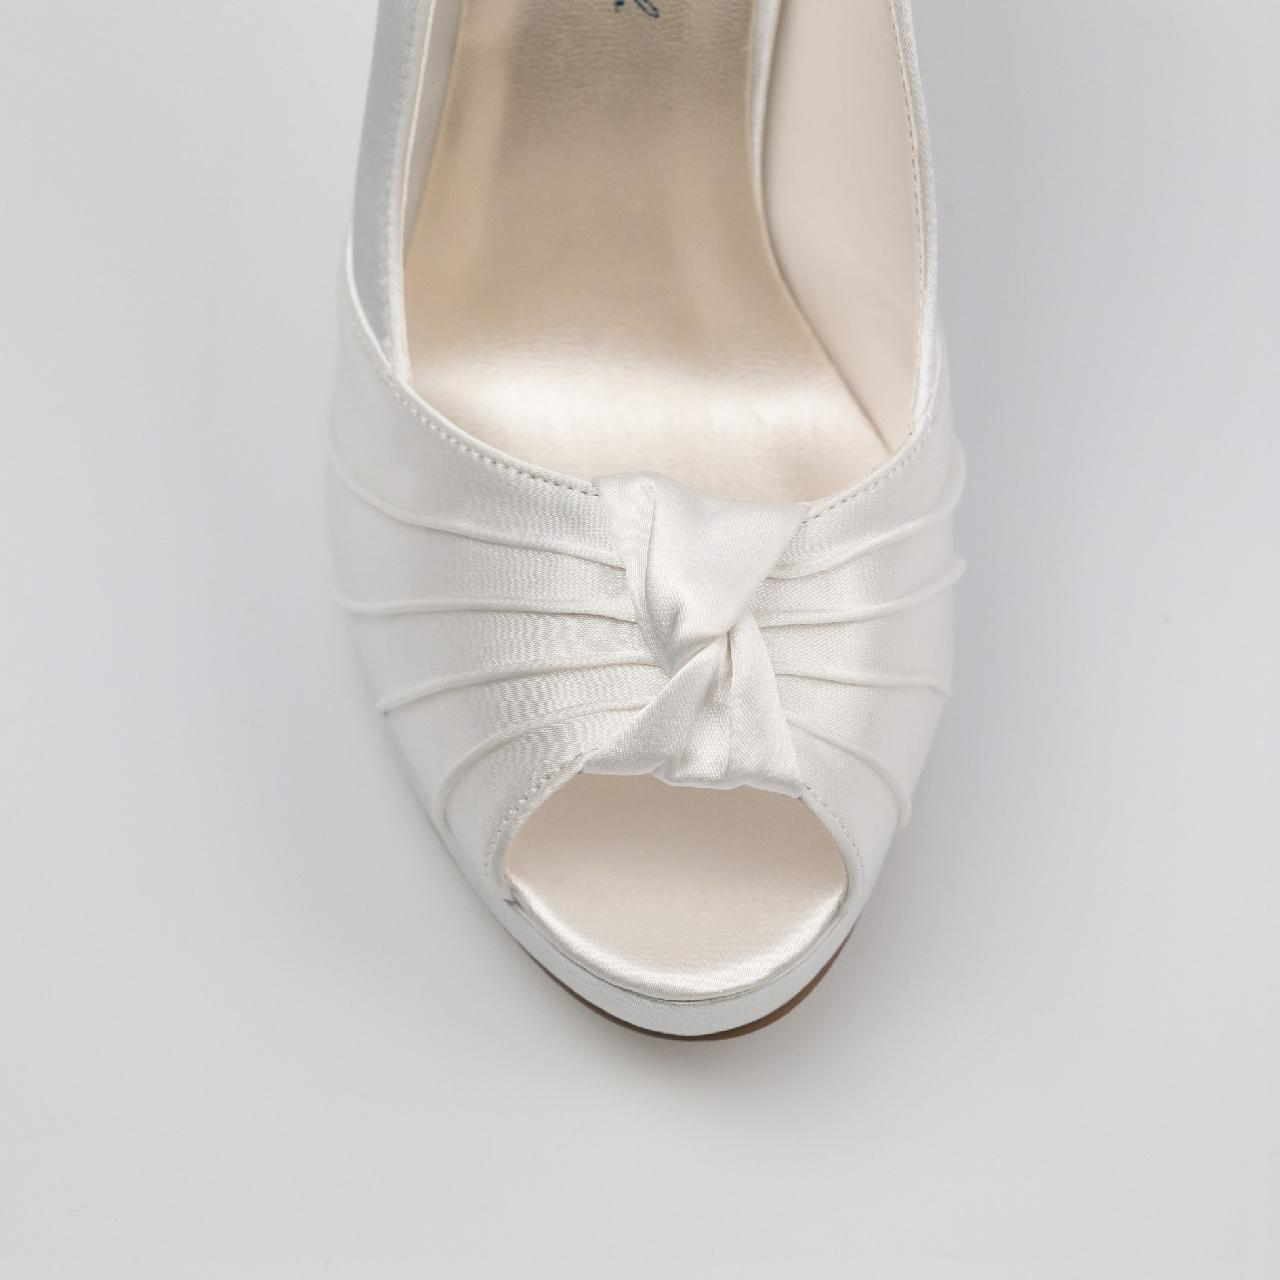 Svadobné topánky Gina, G. Westerleigh - Obrázok č. 4